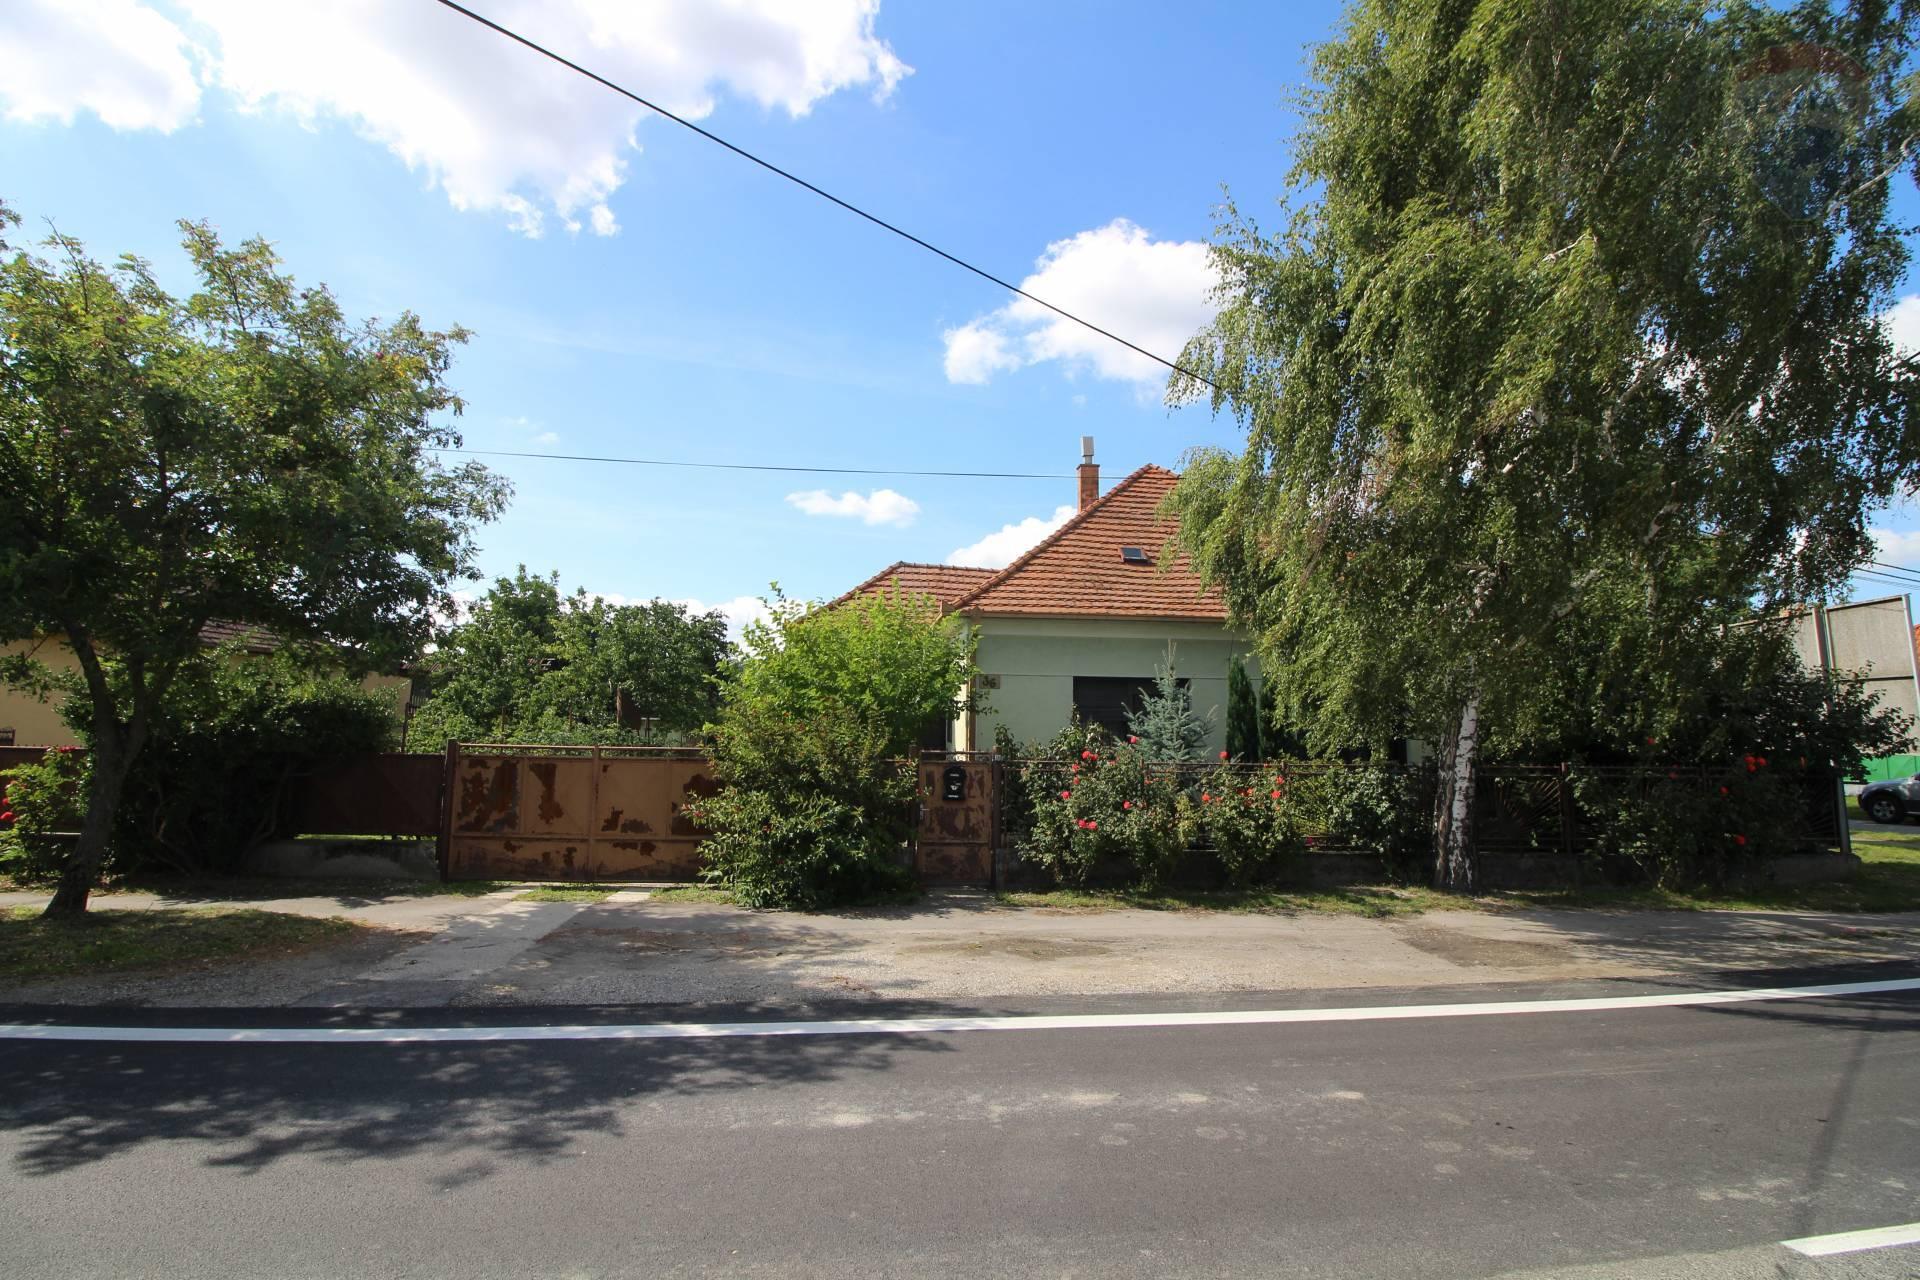 Predaj: 4-izbový rodinný dom, Gabčíkovo, okres Dunajská Streda